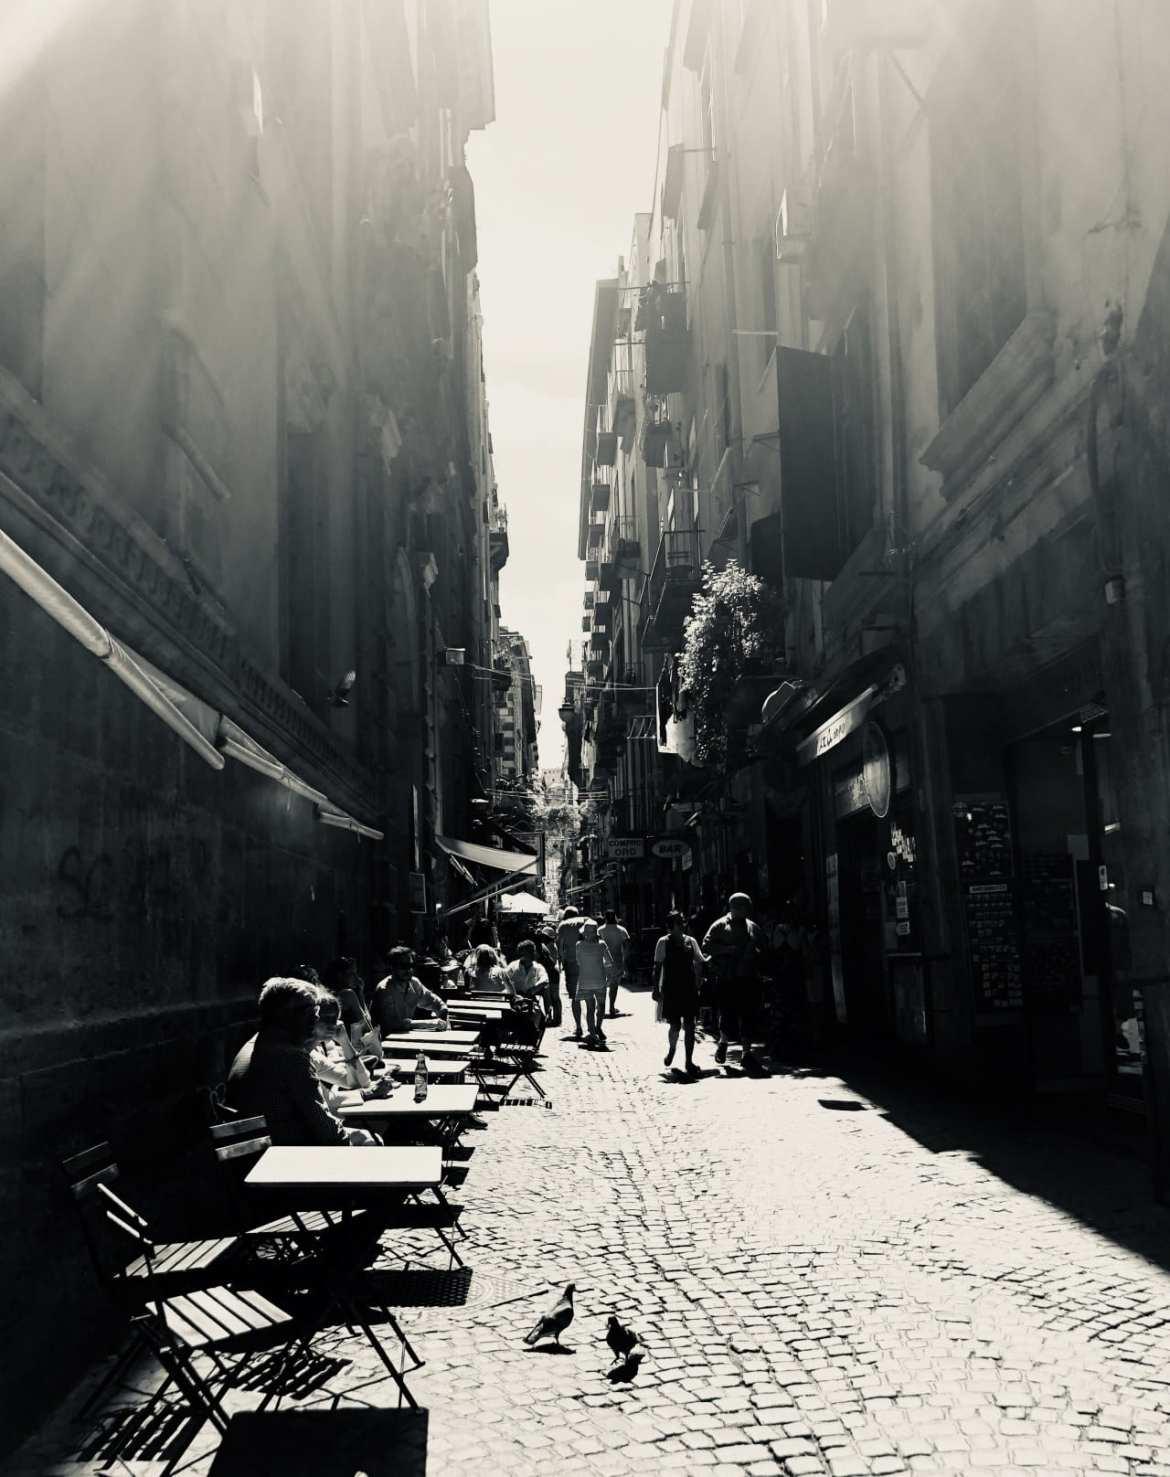 A day in Naples + a visit to L'Antica Pizzeria da Michele